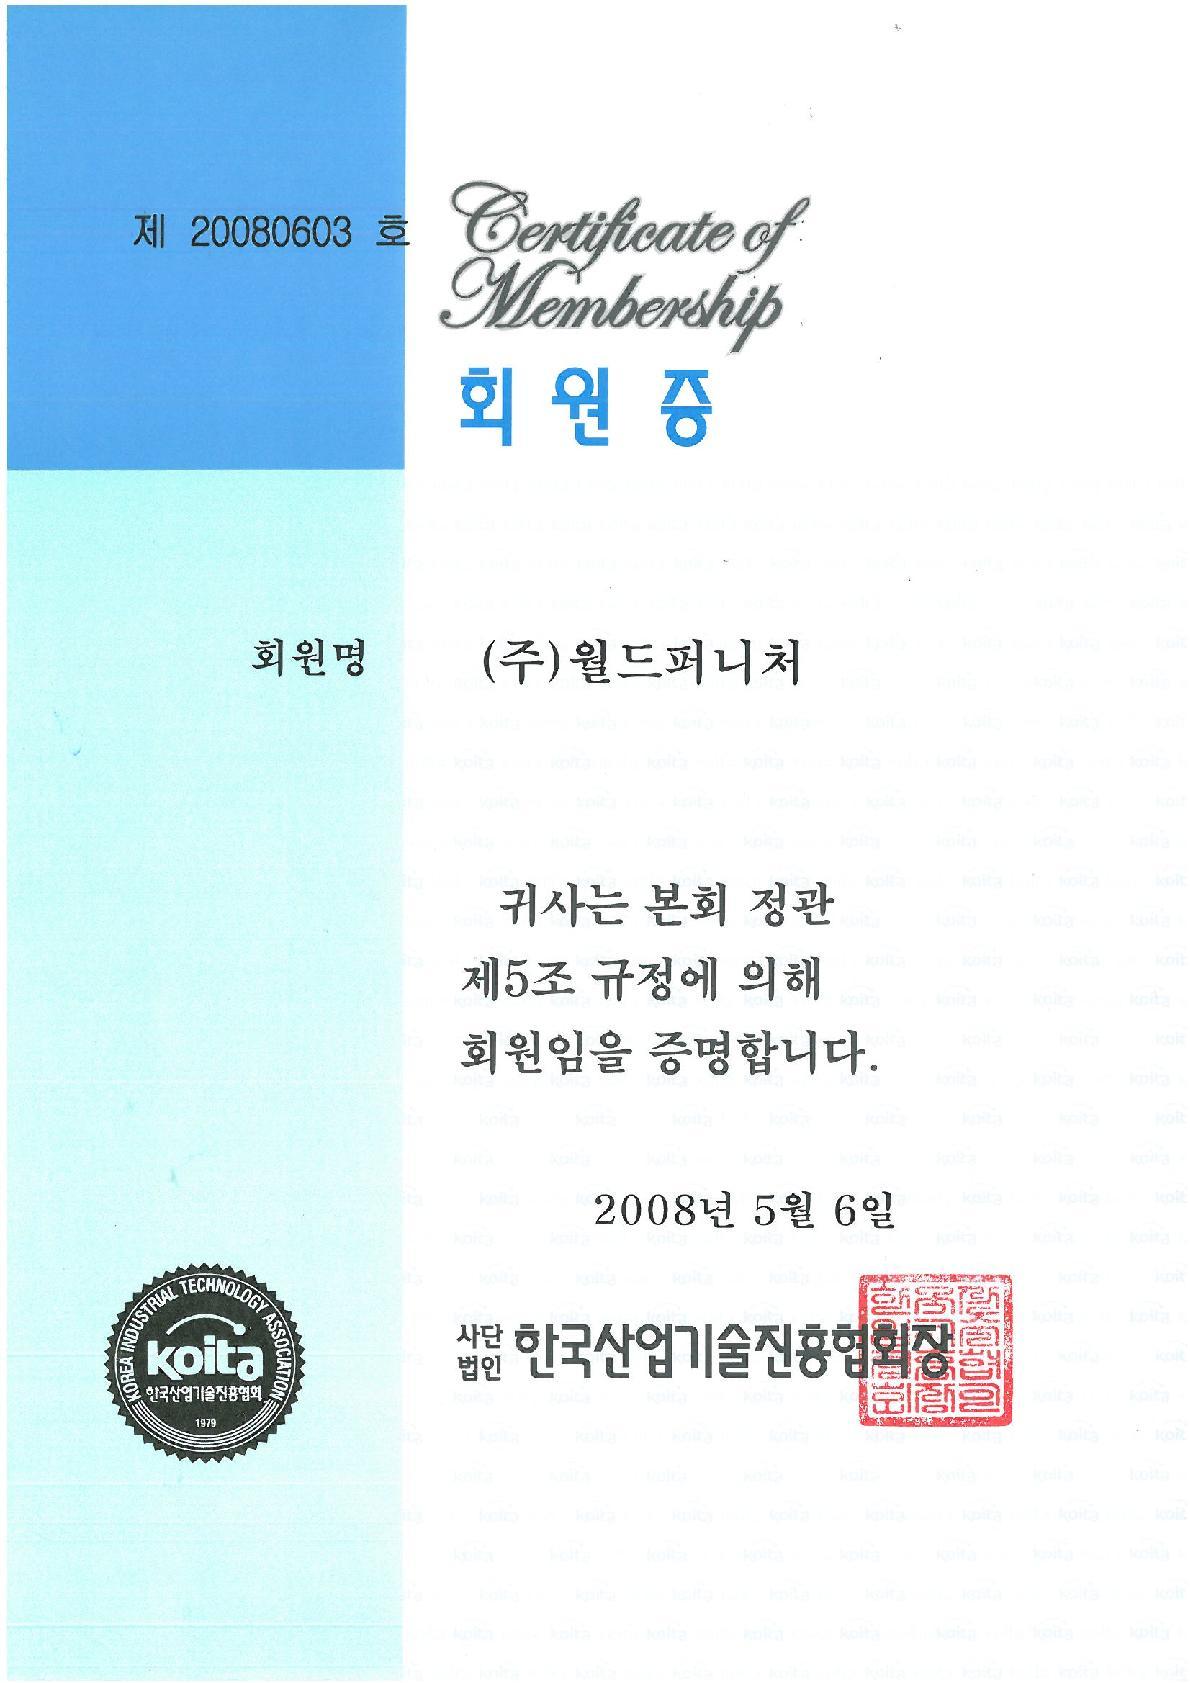 한국산업기술진흥협회 회원증<p><br></p>